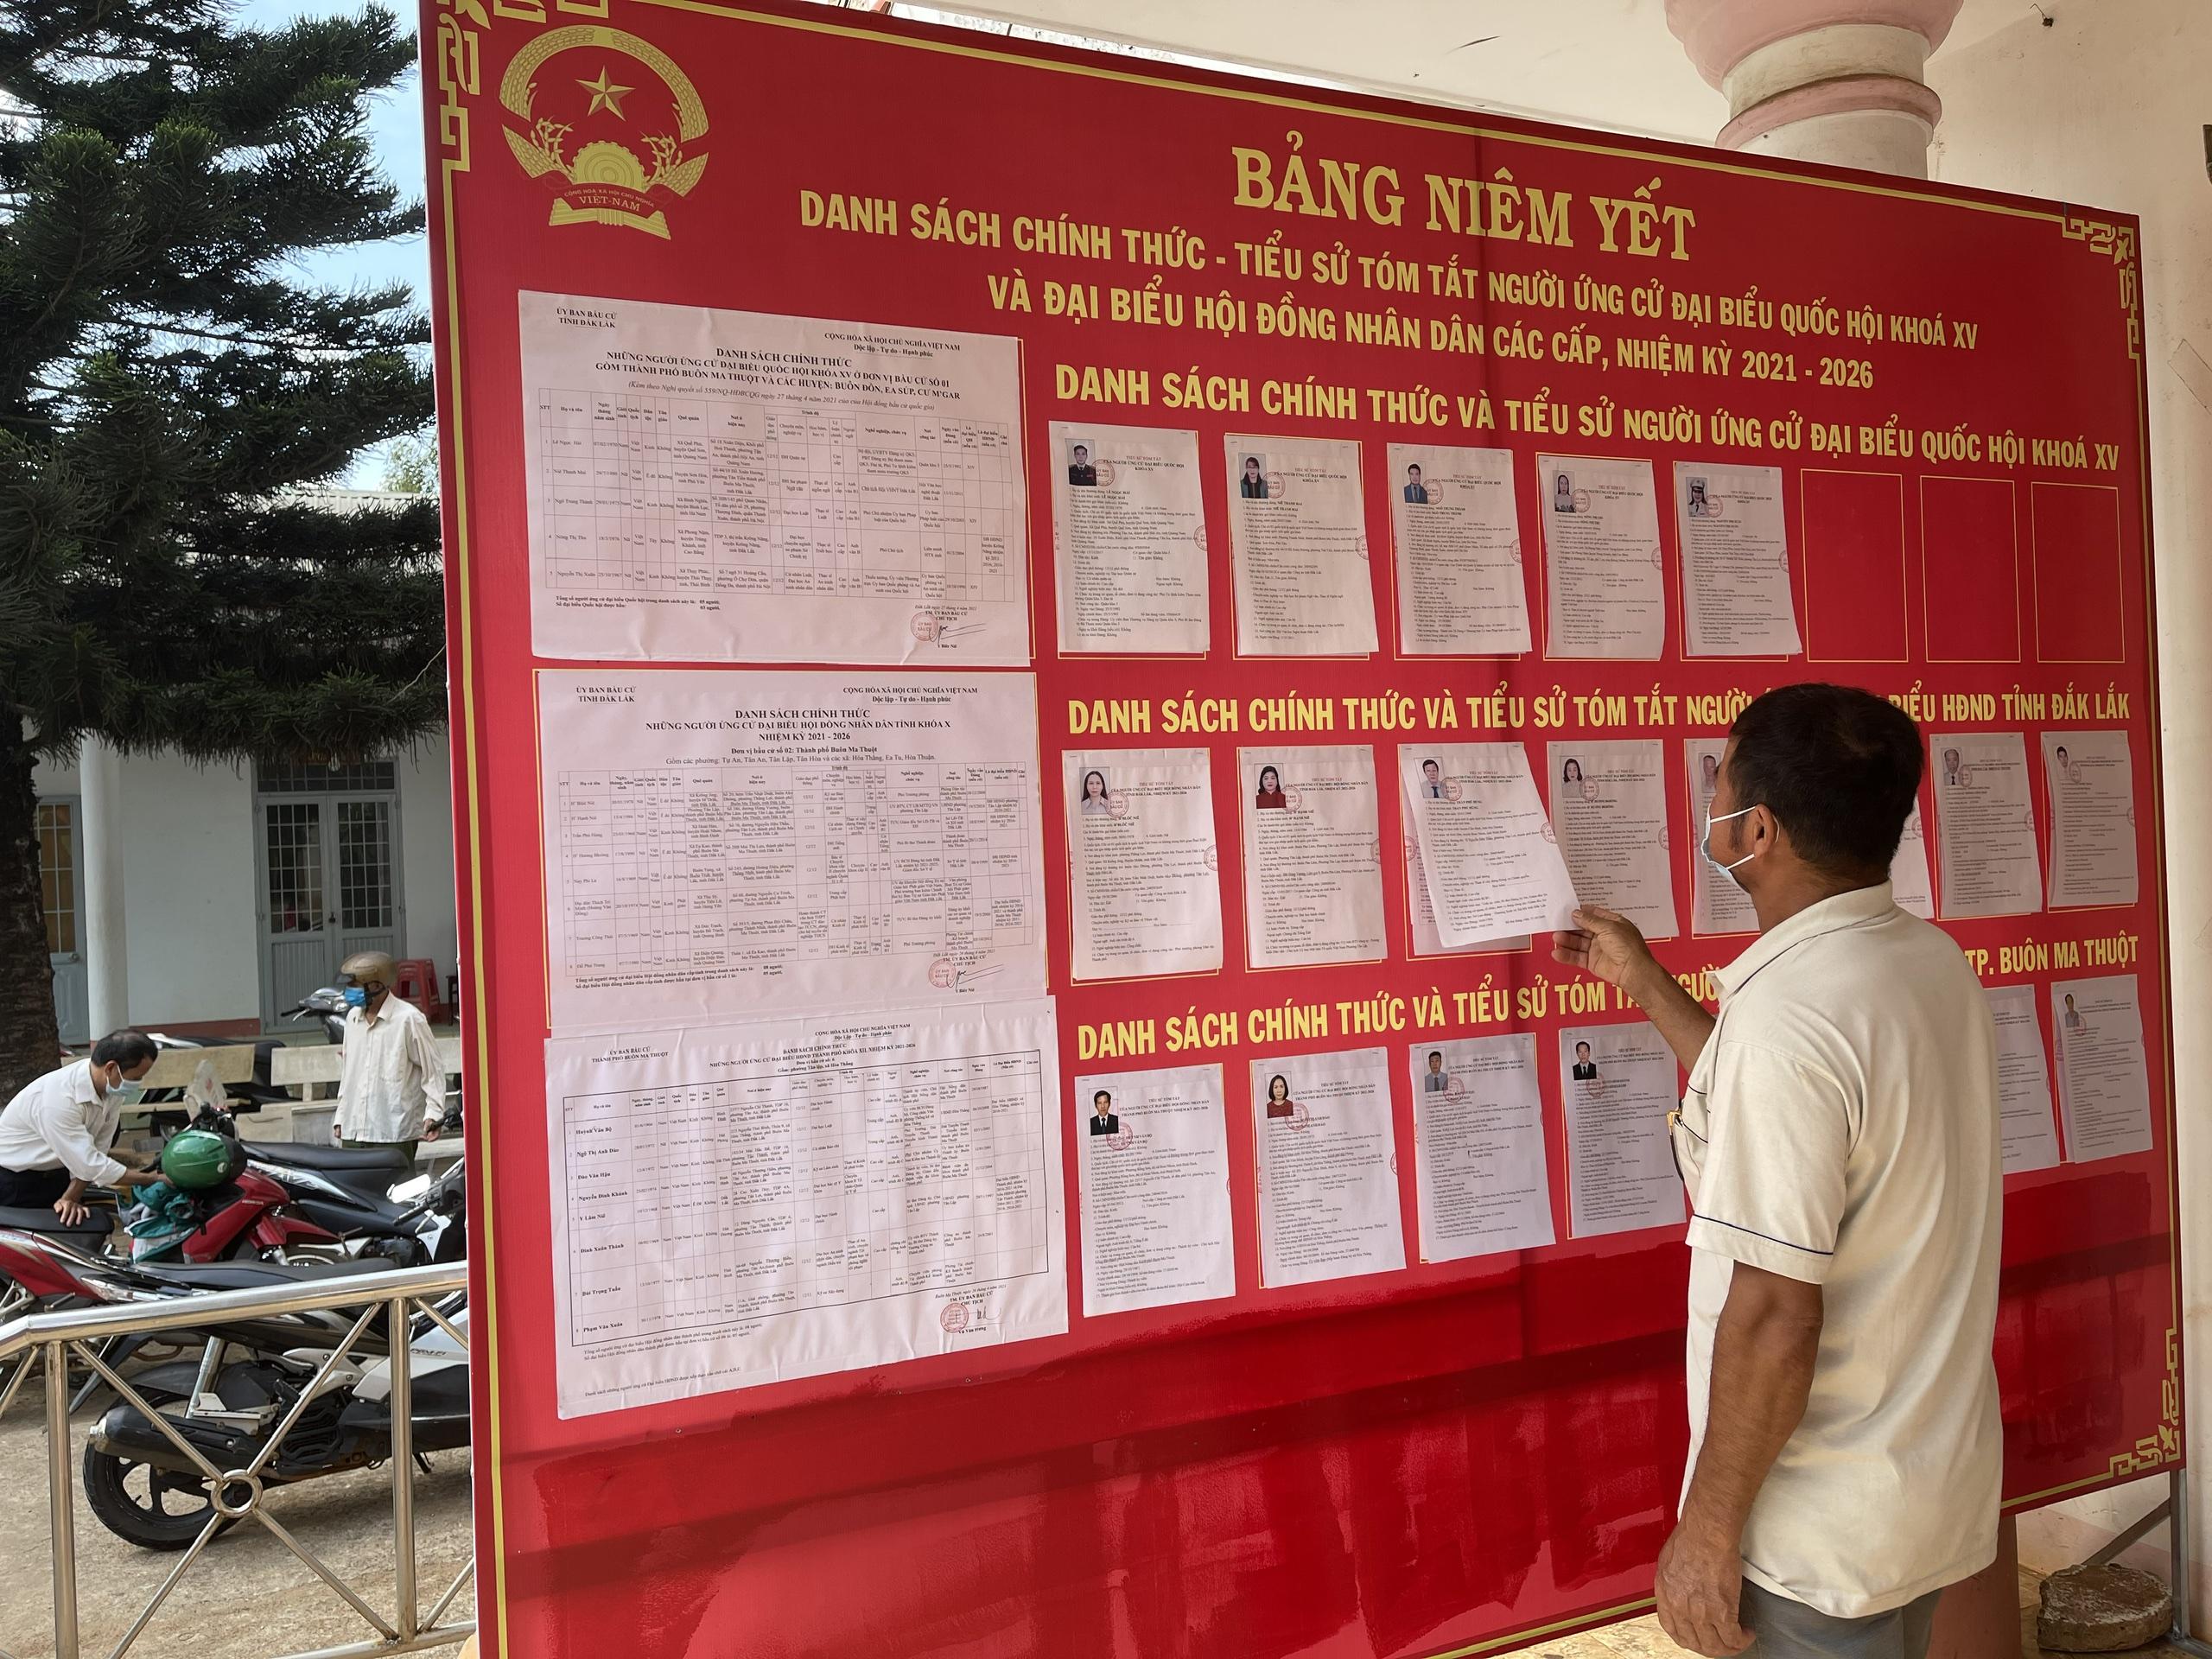 Đắk Lắk: Công tác chuẩn bị bầu cử ở thành phố lớn nhất Tây Nguyên  - Ảnh 6.